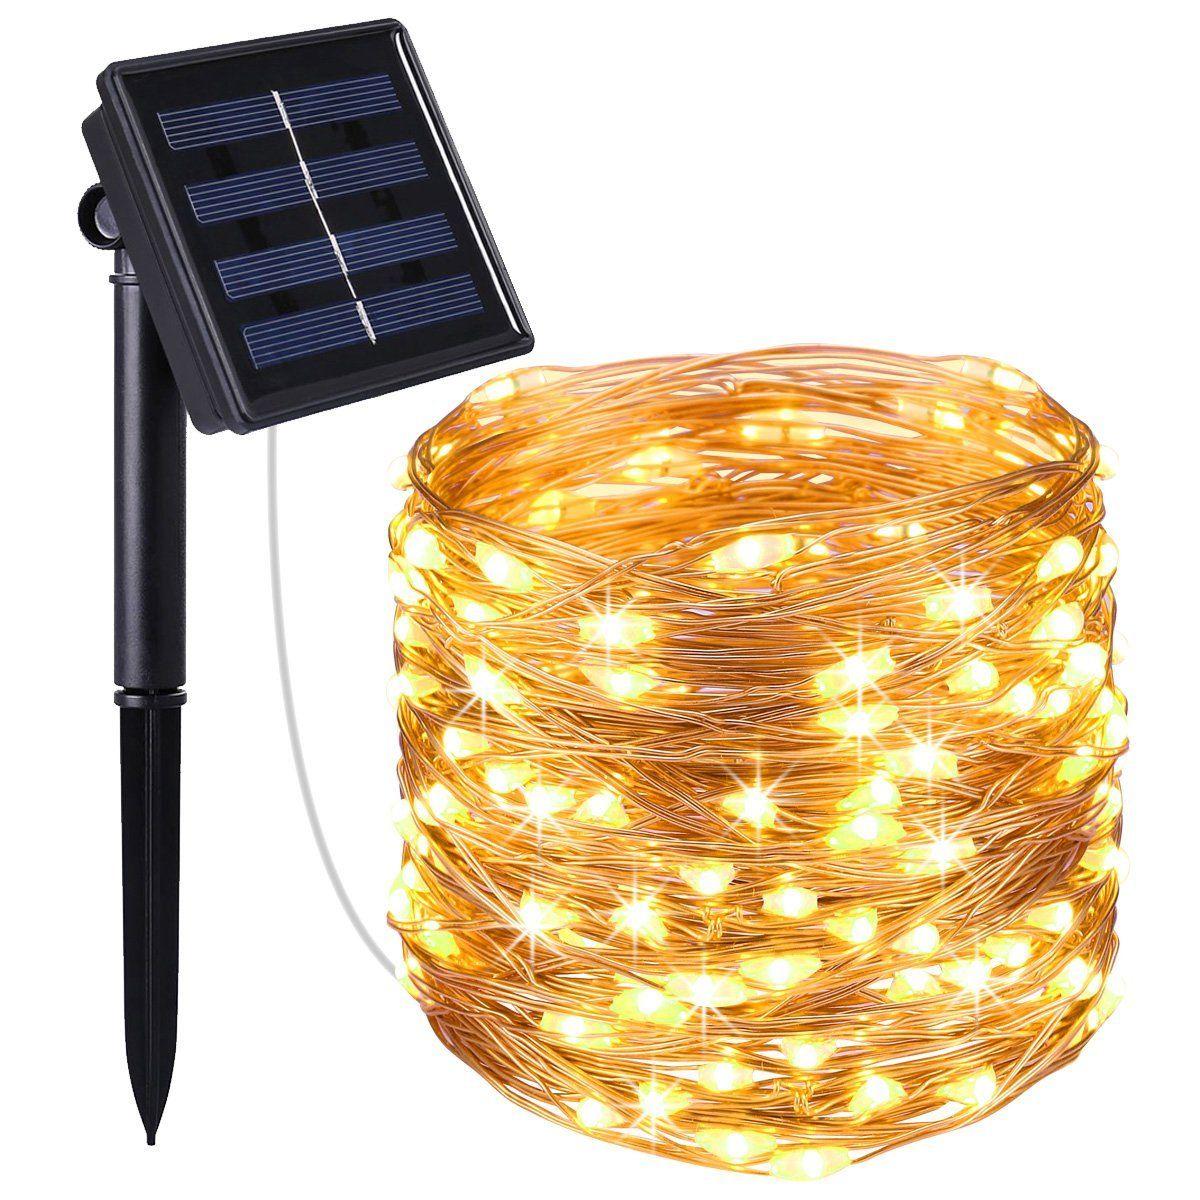 AMIR Solar Lichterkette, 33ft 100 LED Solar Lichterkette Weihnachten ...